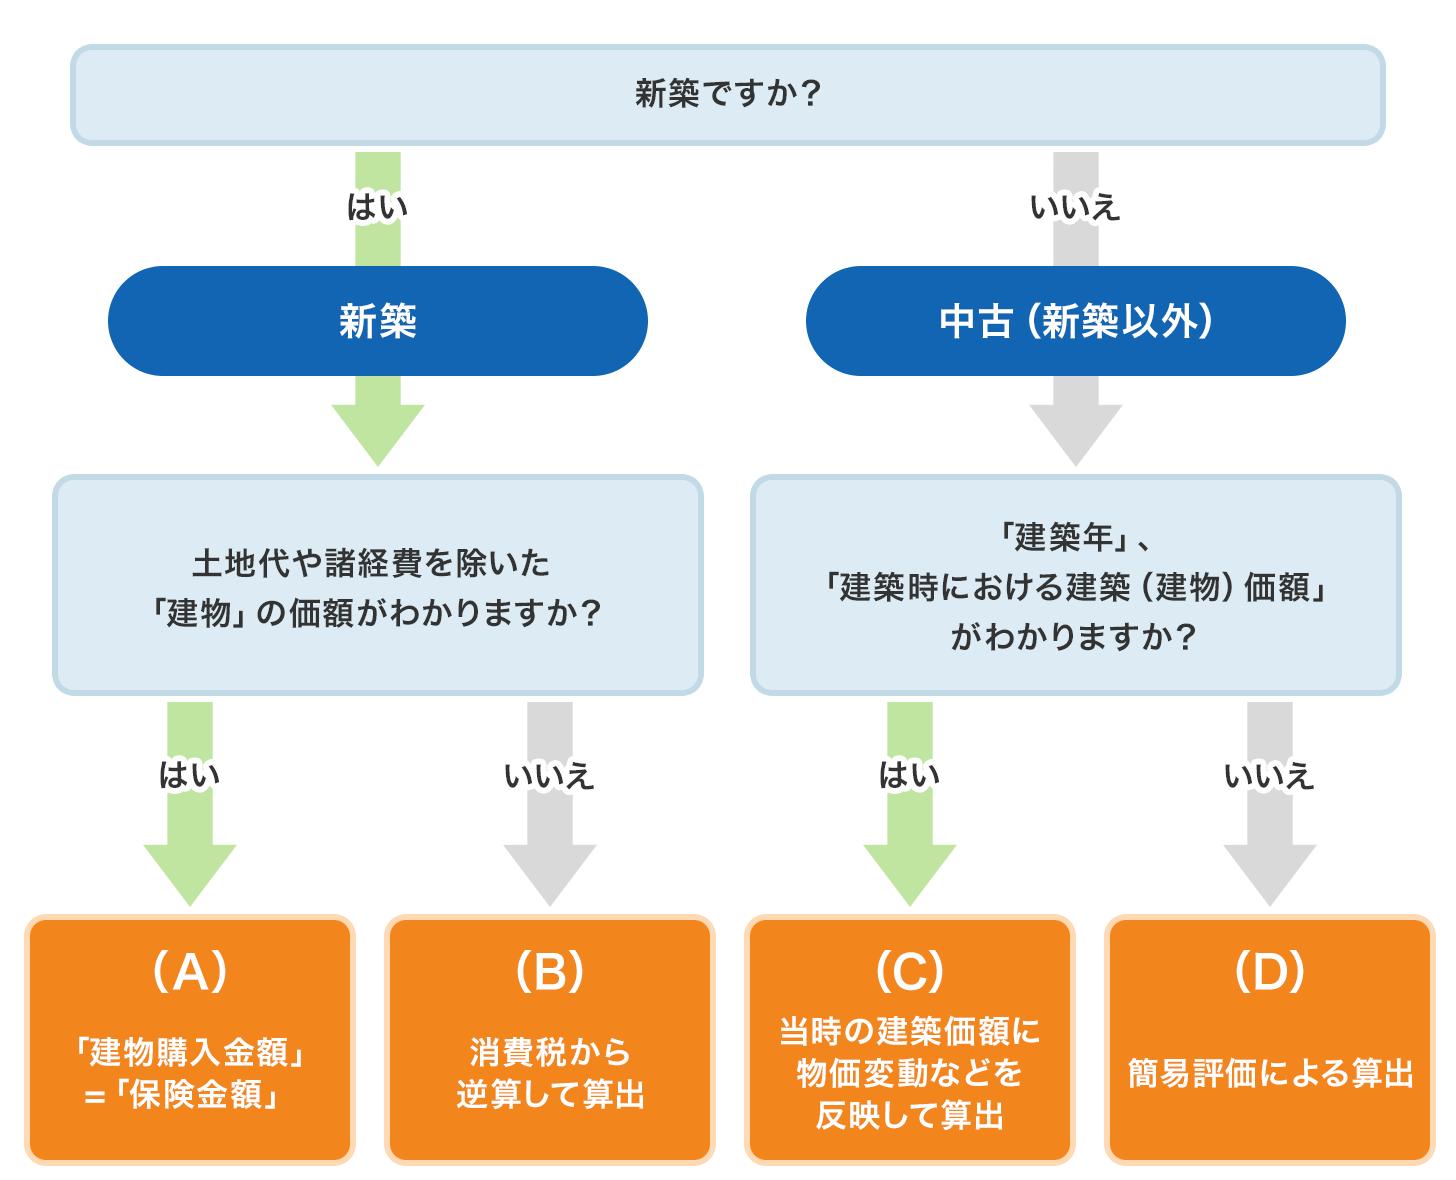 図1 新価の算出方法